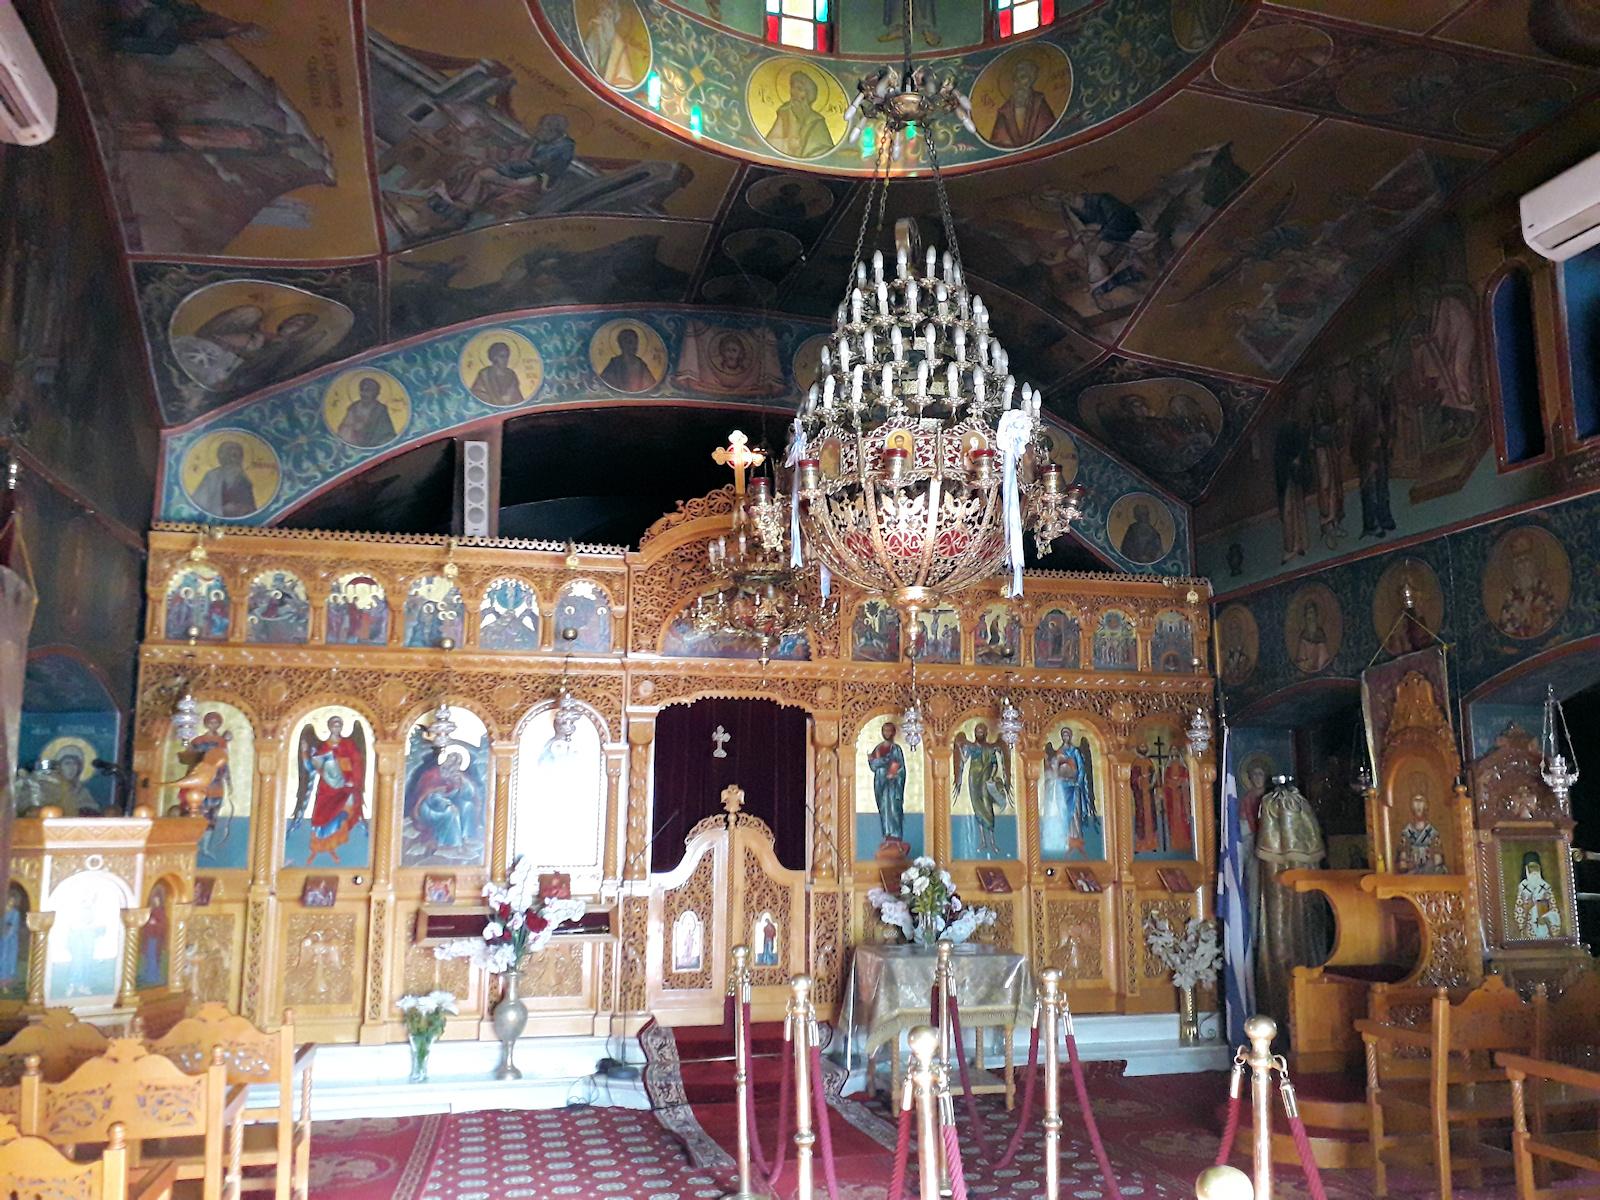 Ιερός Ναός Προφήτη Ηλία, Ενορία Ροδόπολης